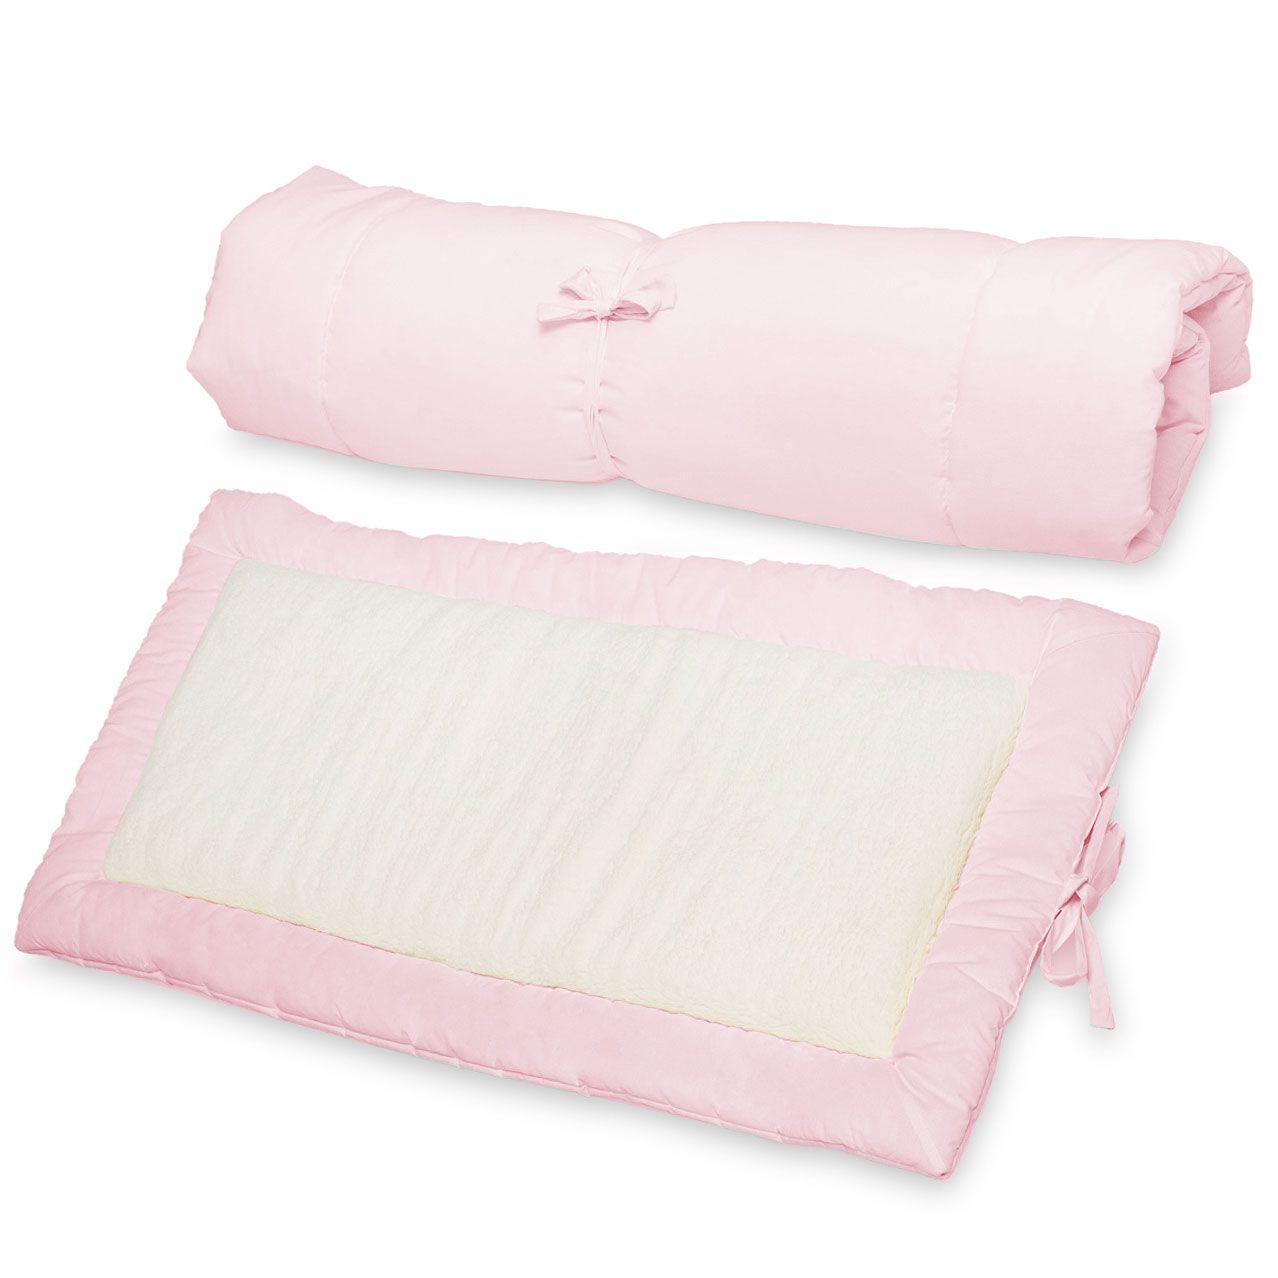 Colchonete Acolchoado Pillow Top Portetor para Colchão de Berço e Passeio Portátil 2 em 1 Percal 180 Fios e Sherpa